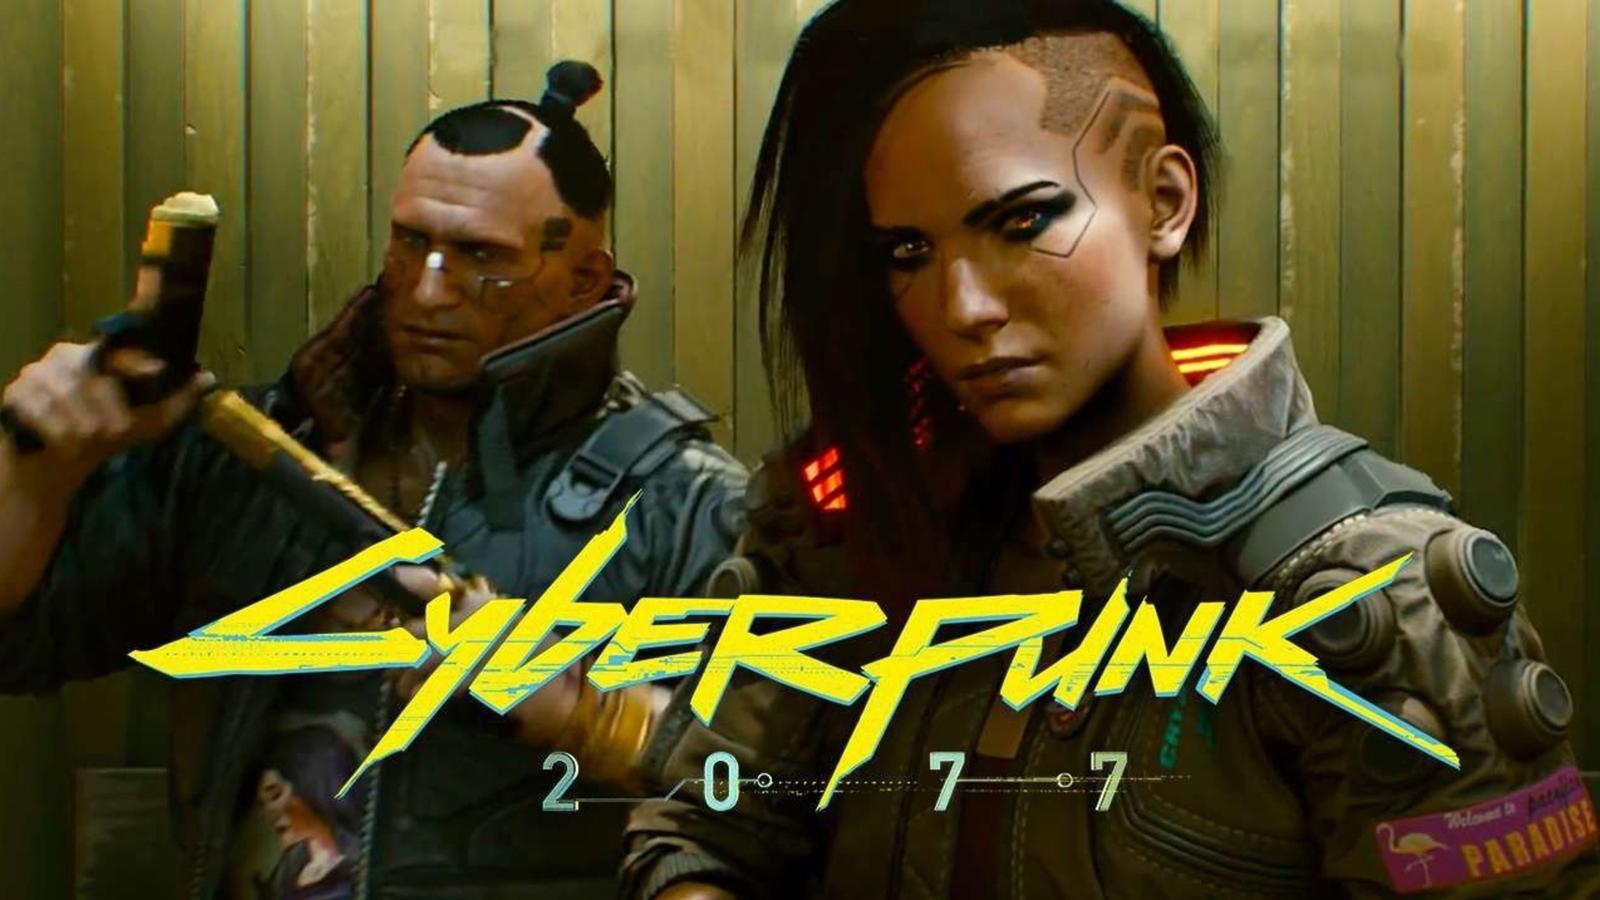 CYBERPUNK 2077 КУПИТЬ КЛЮЧ GOG, ЛИЦЕНЗИЯ! ПРЕДЗАКАЗ ДОСТАВКА В ДЕНЬ ВЫХОДА